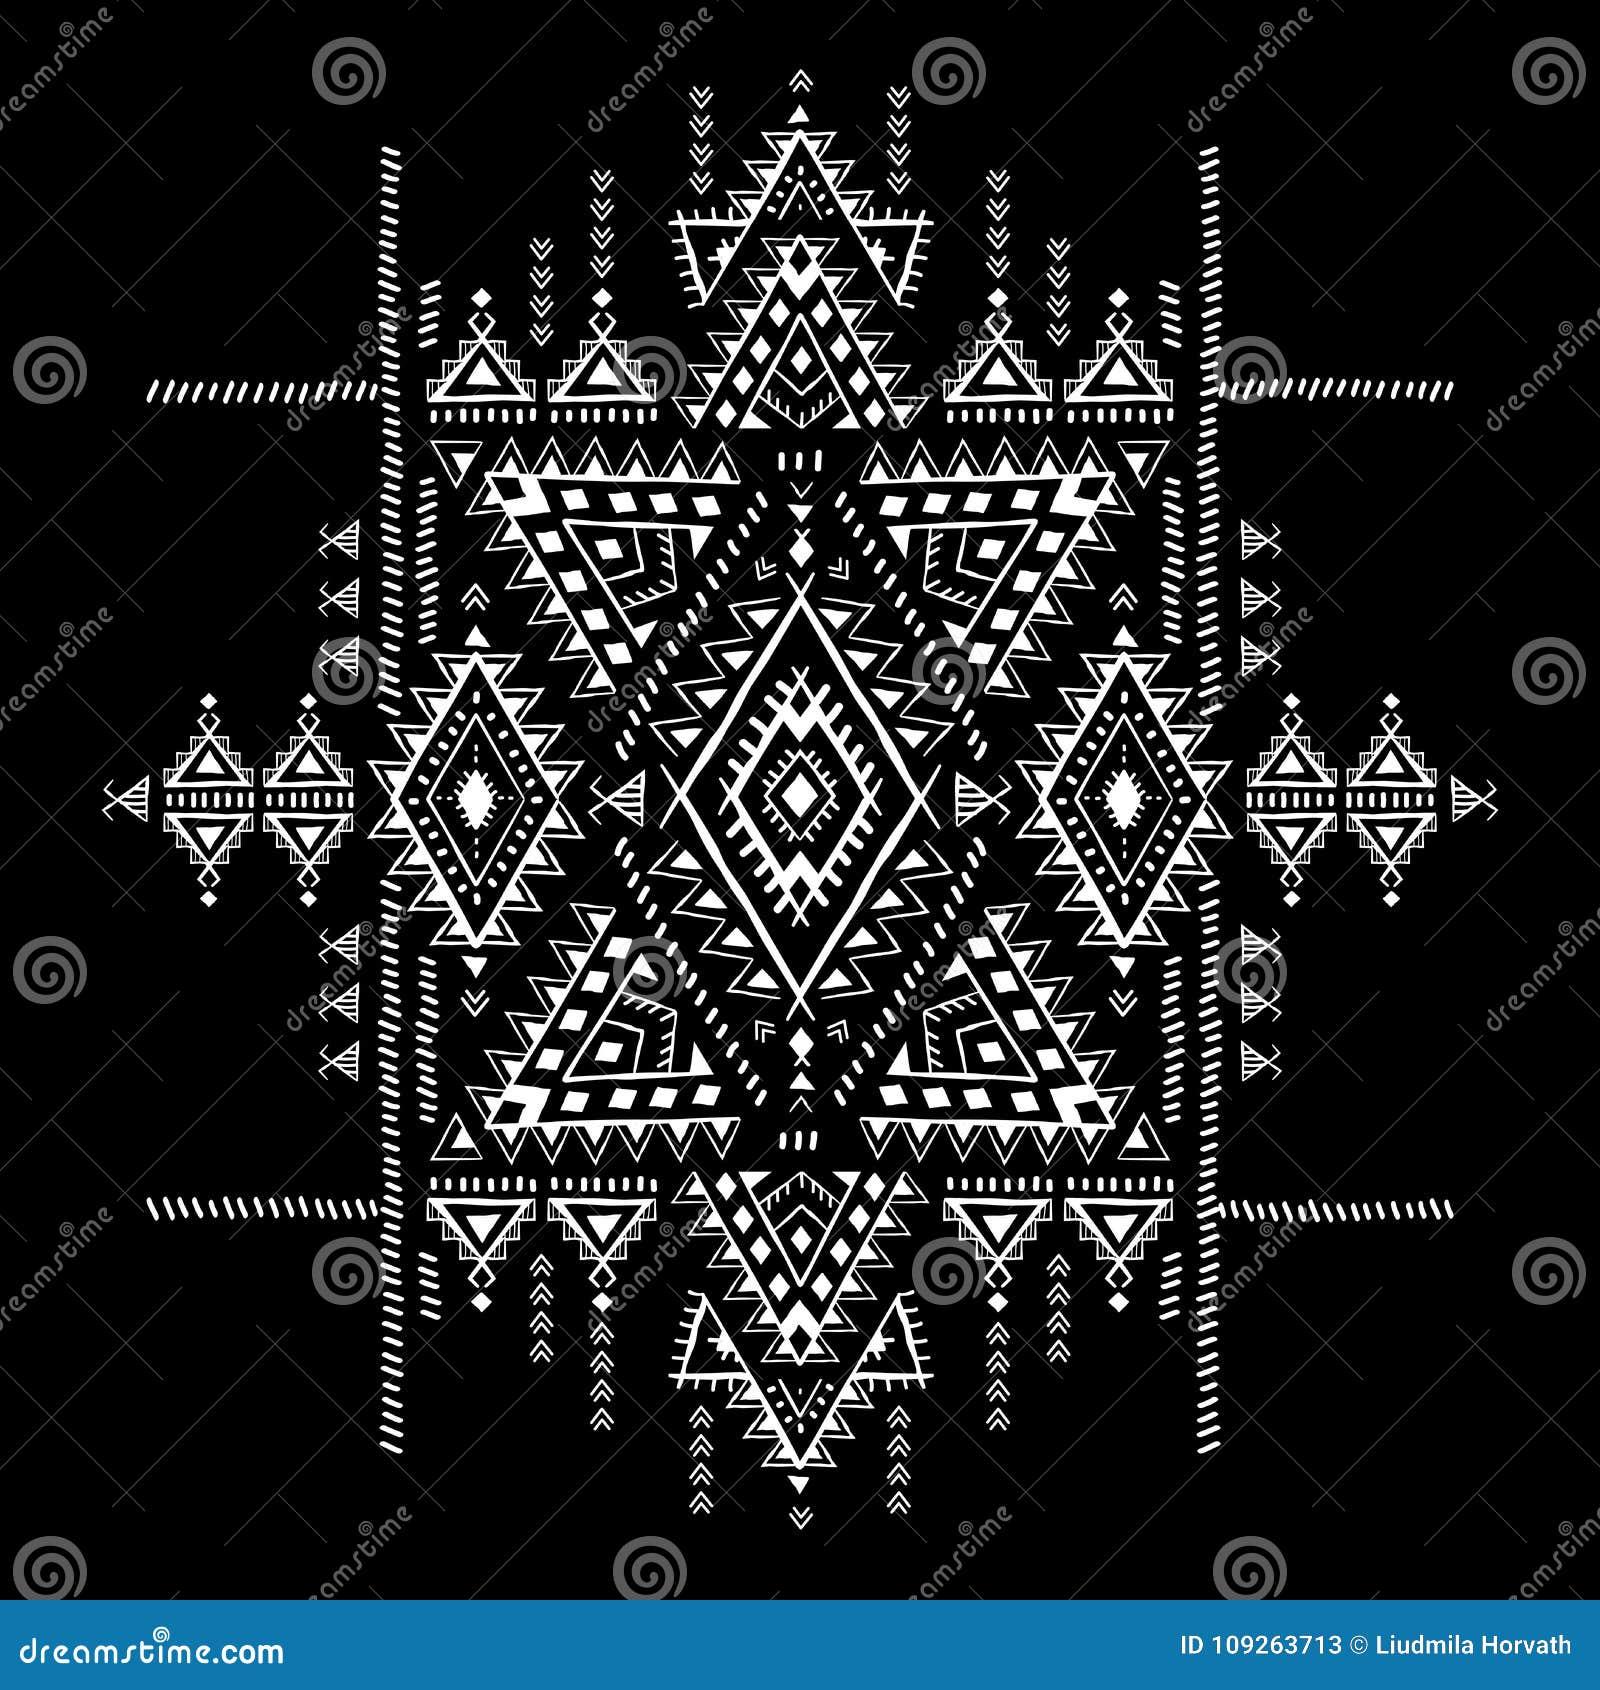 Modele Azteque Geometrique Le Style Tribal De Tatouage Peut Etre